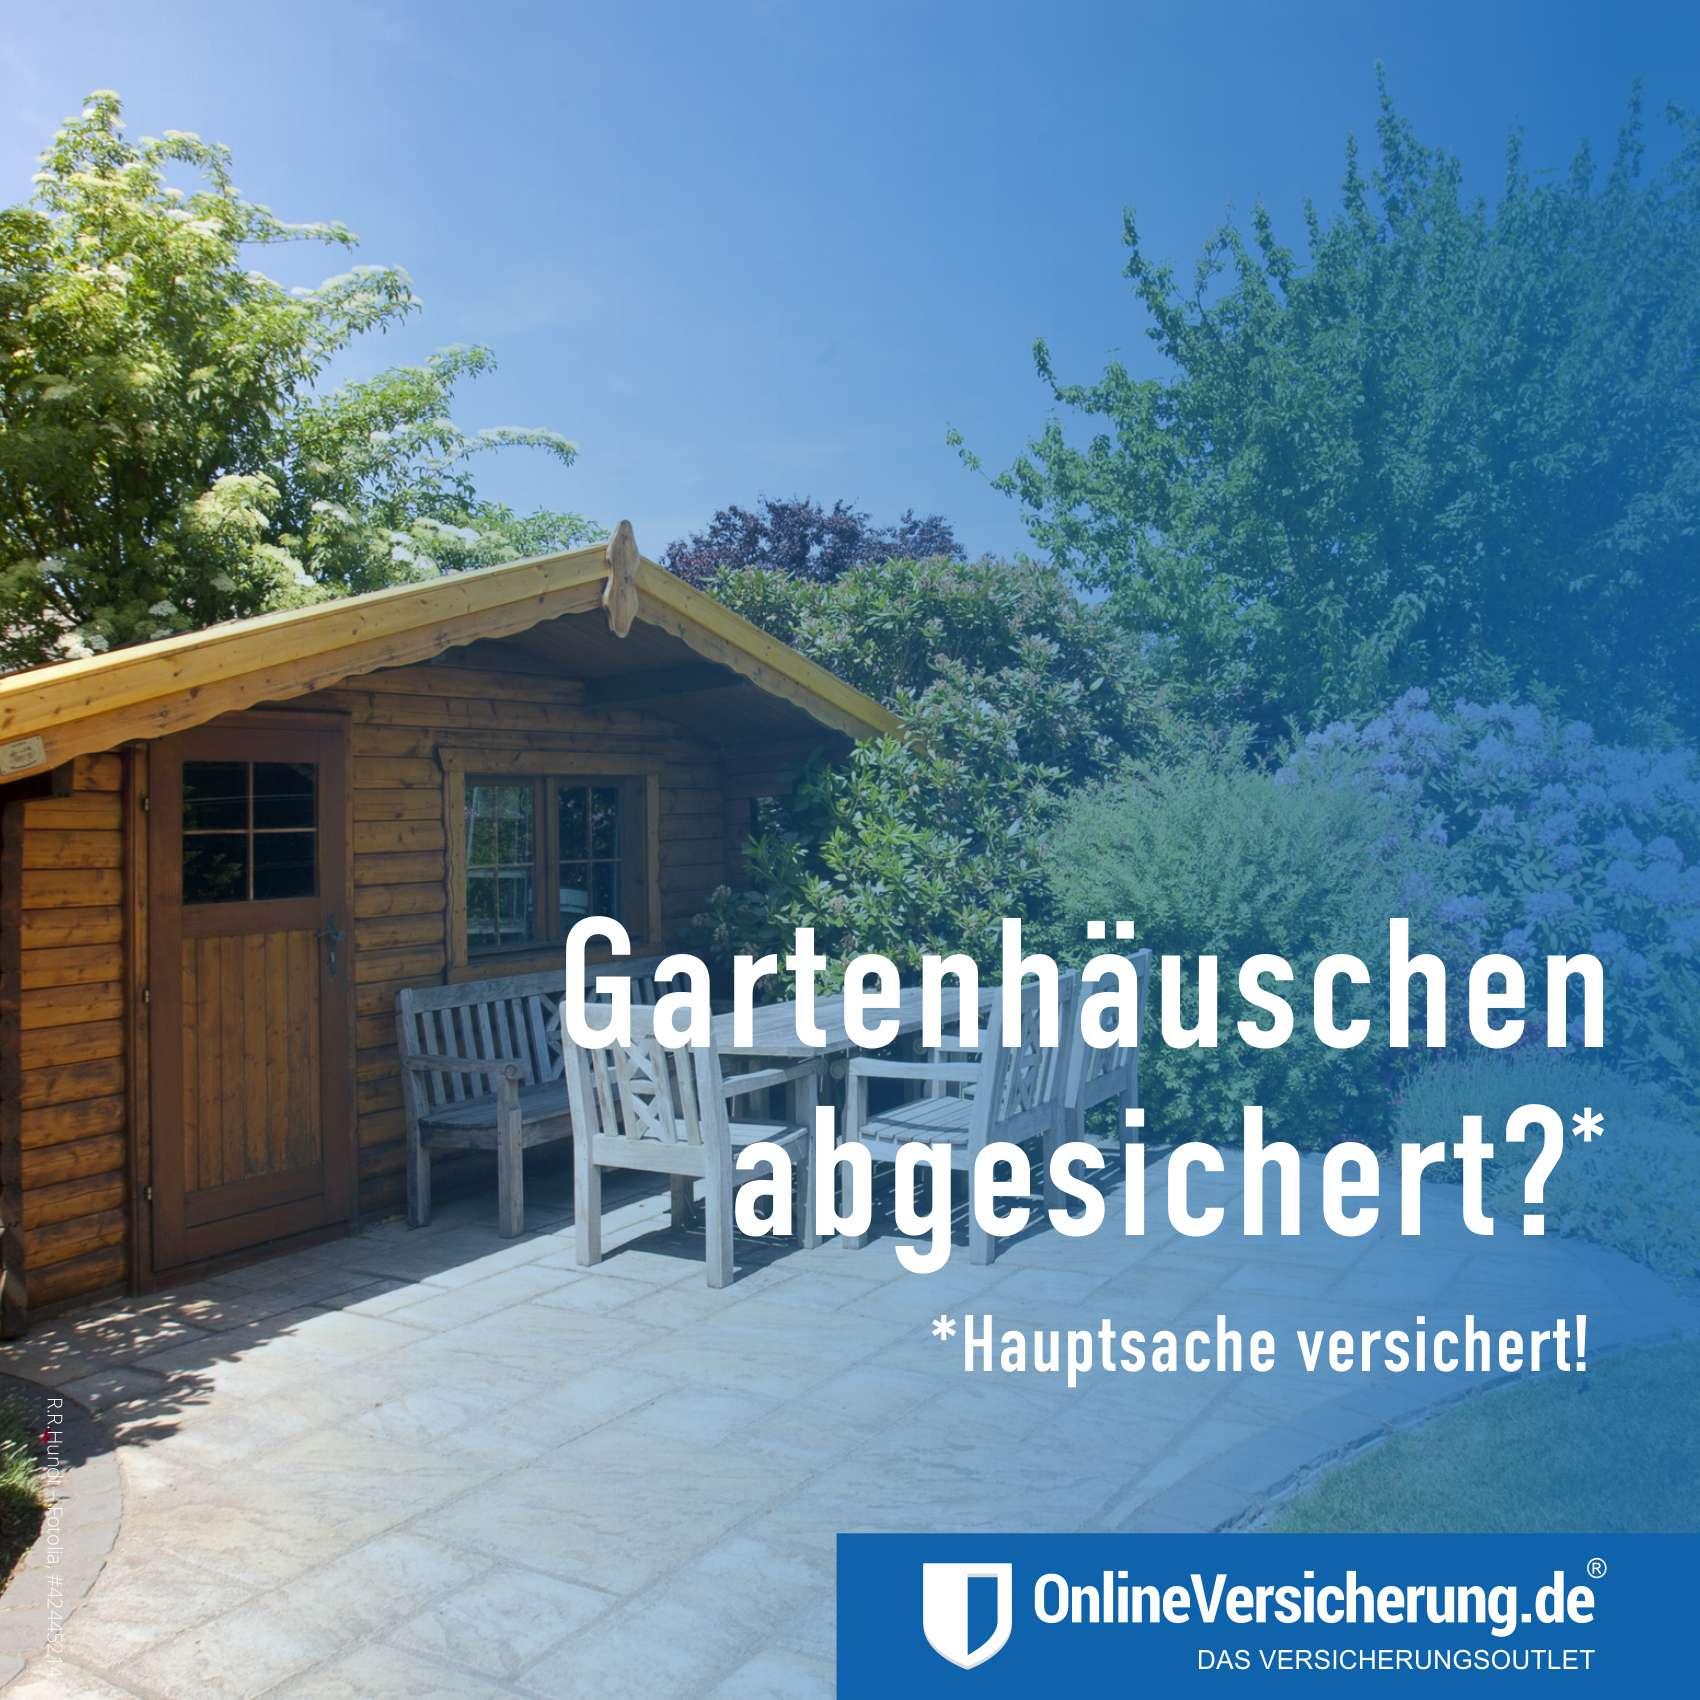 Hausrat-Gartenhaeuschen-Garteneinbrueche